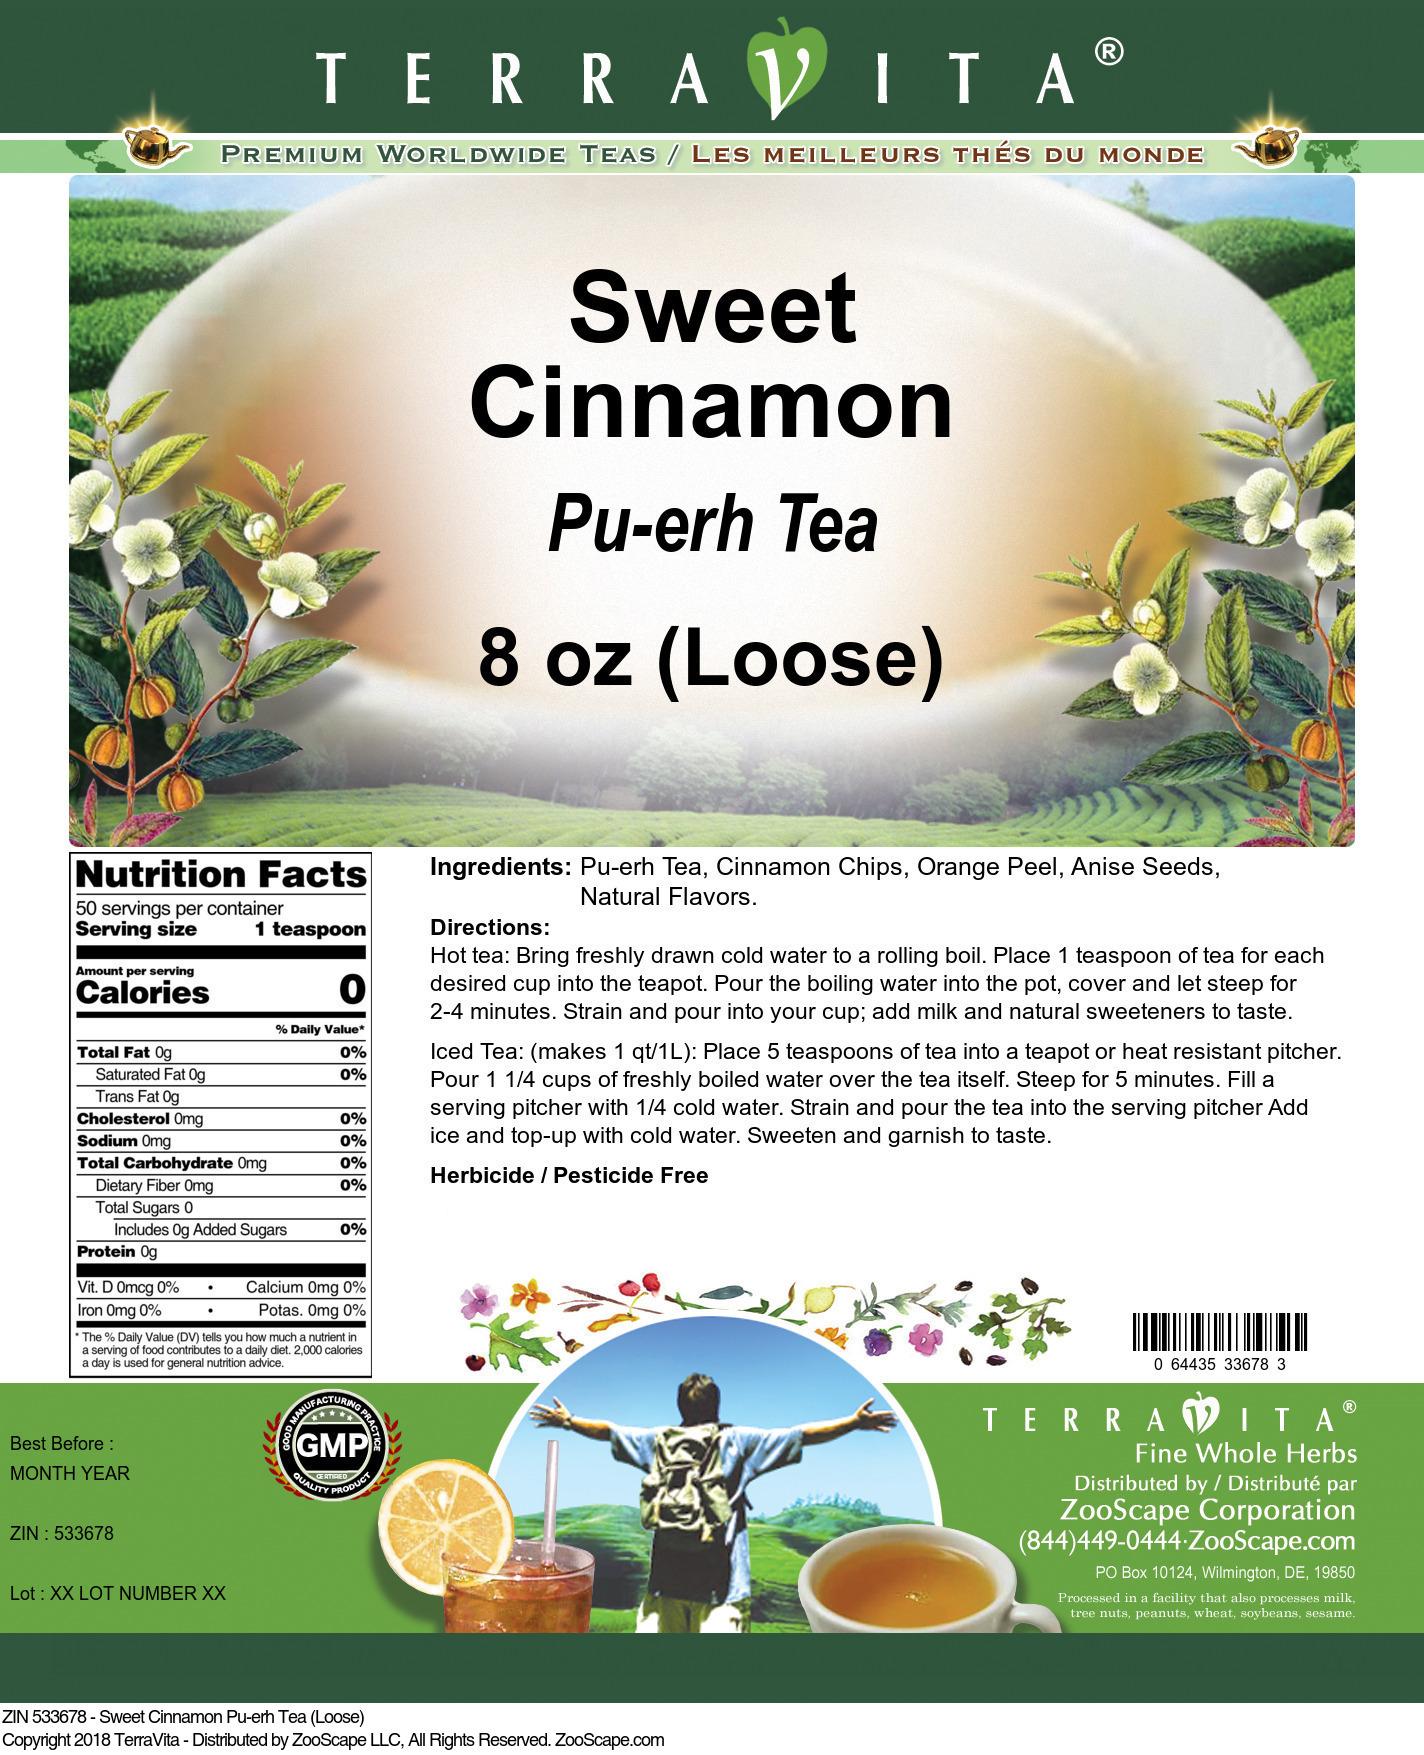 Sweet Cinnamon Pu-erh Tea